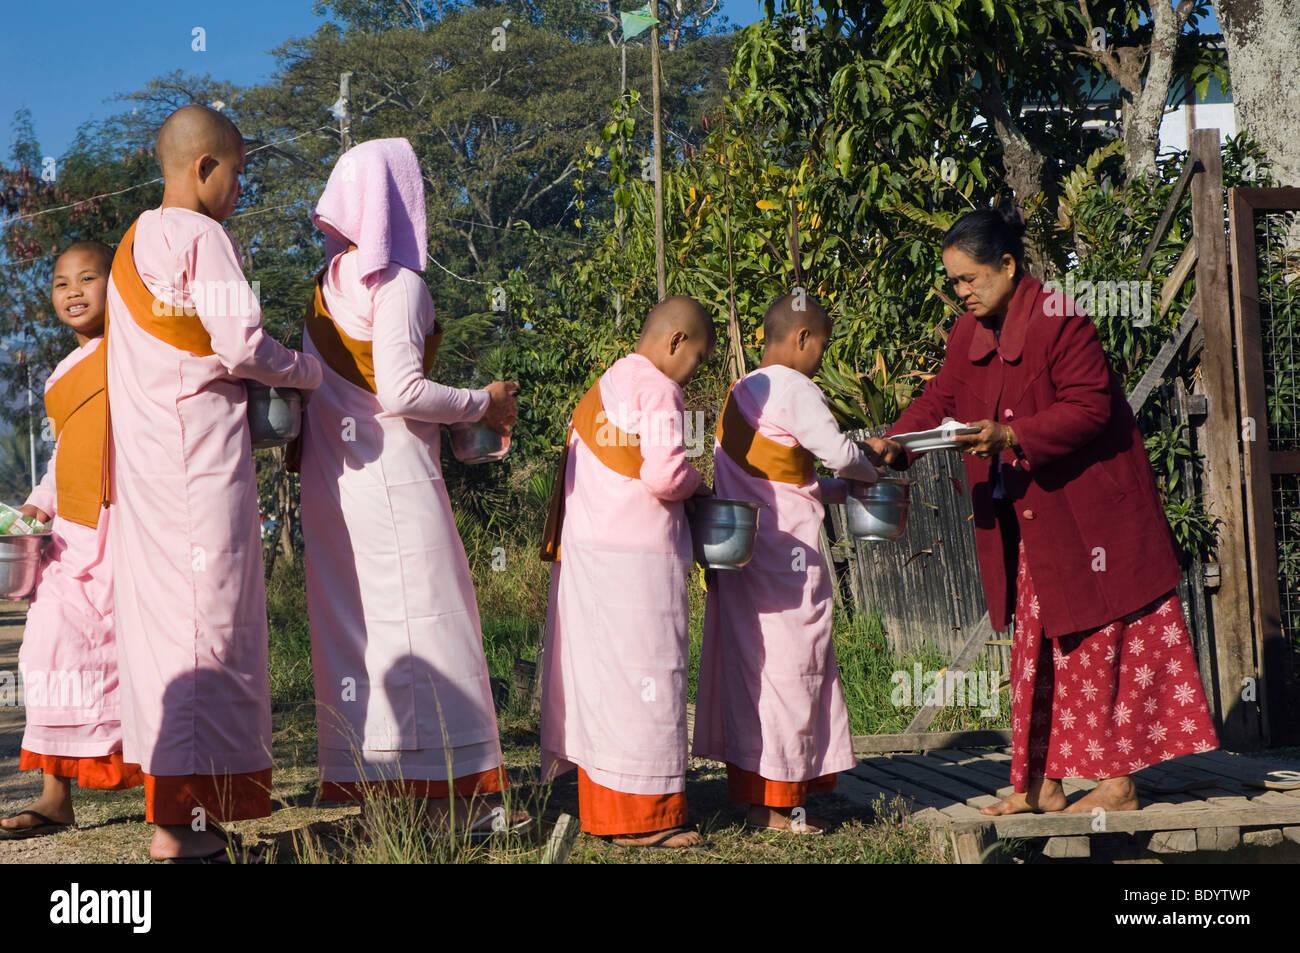 Young nuns begging, Inle Lake, Nyaungshwe, Shan State, Burma, Myanmar, Asia - Stock Image